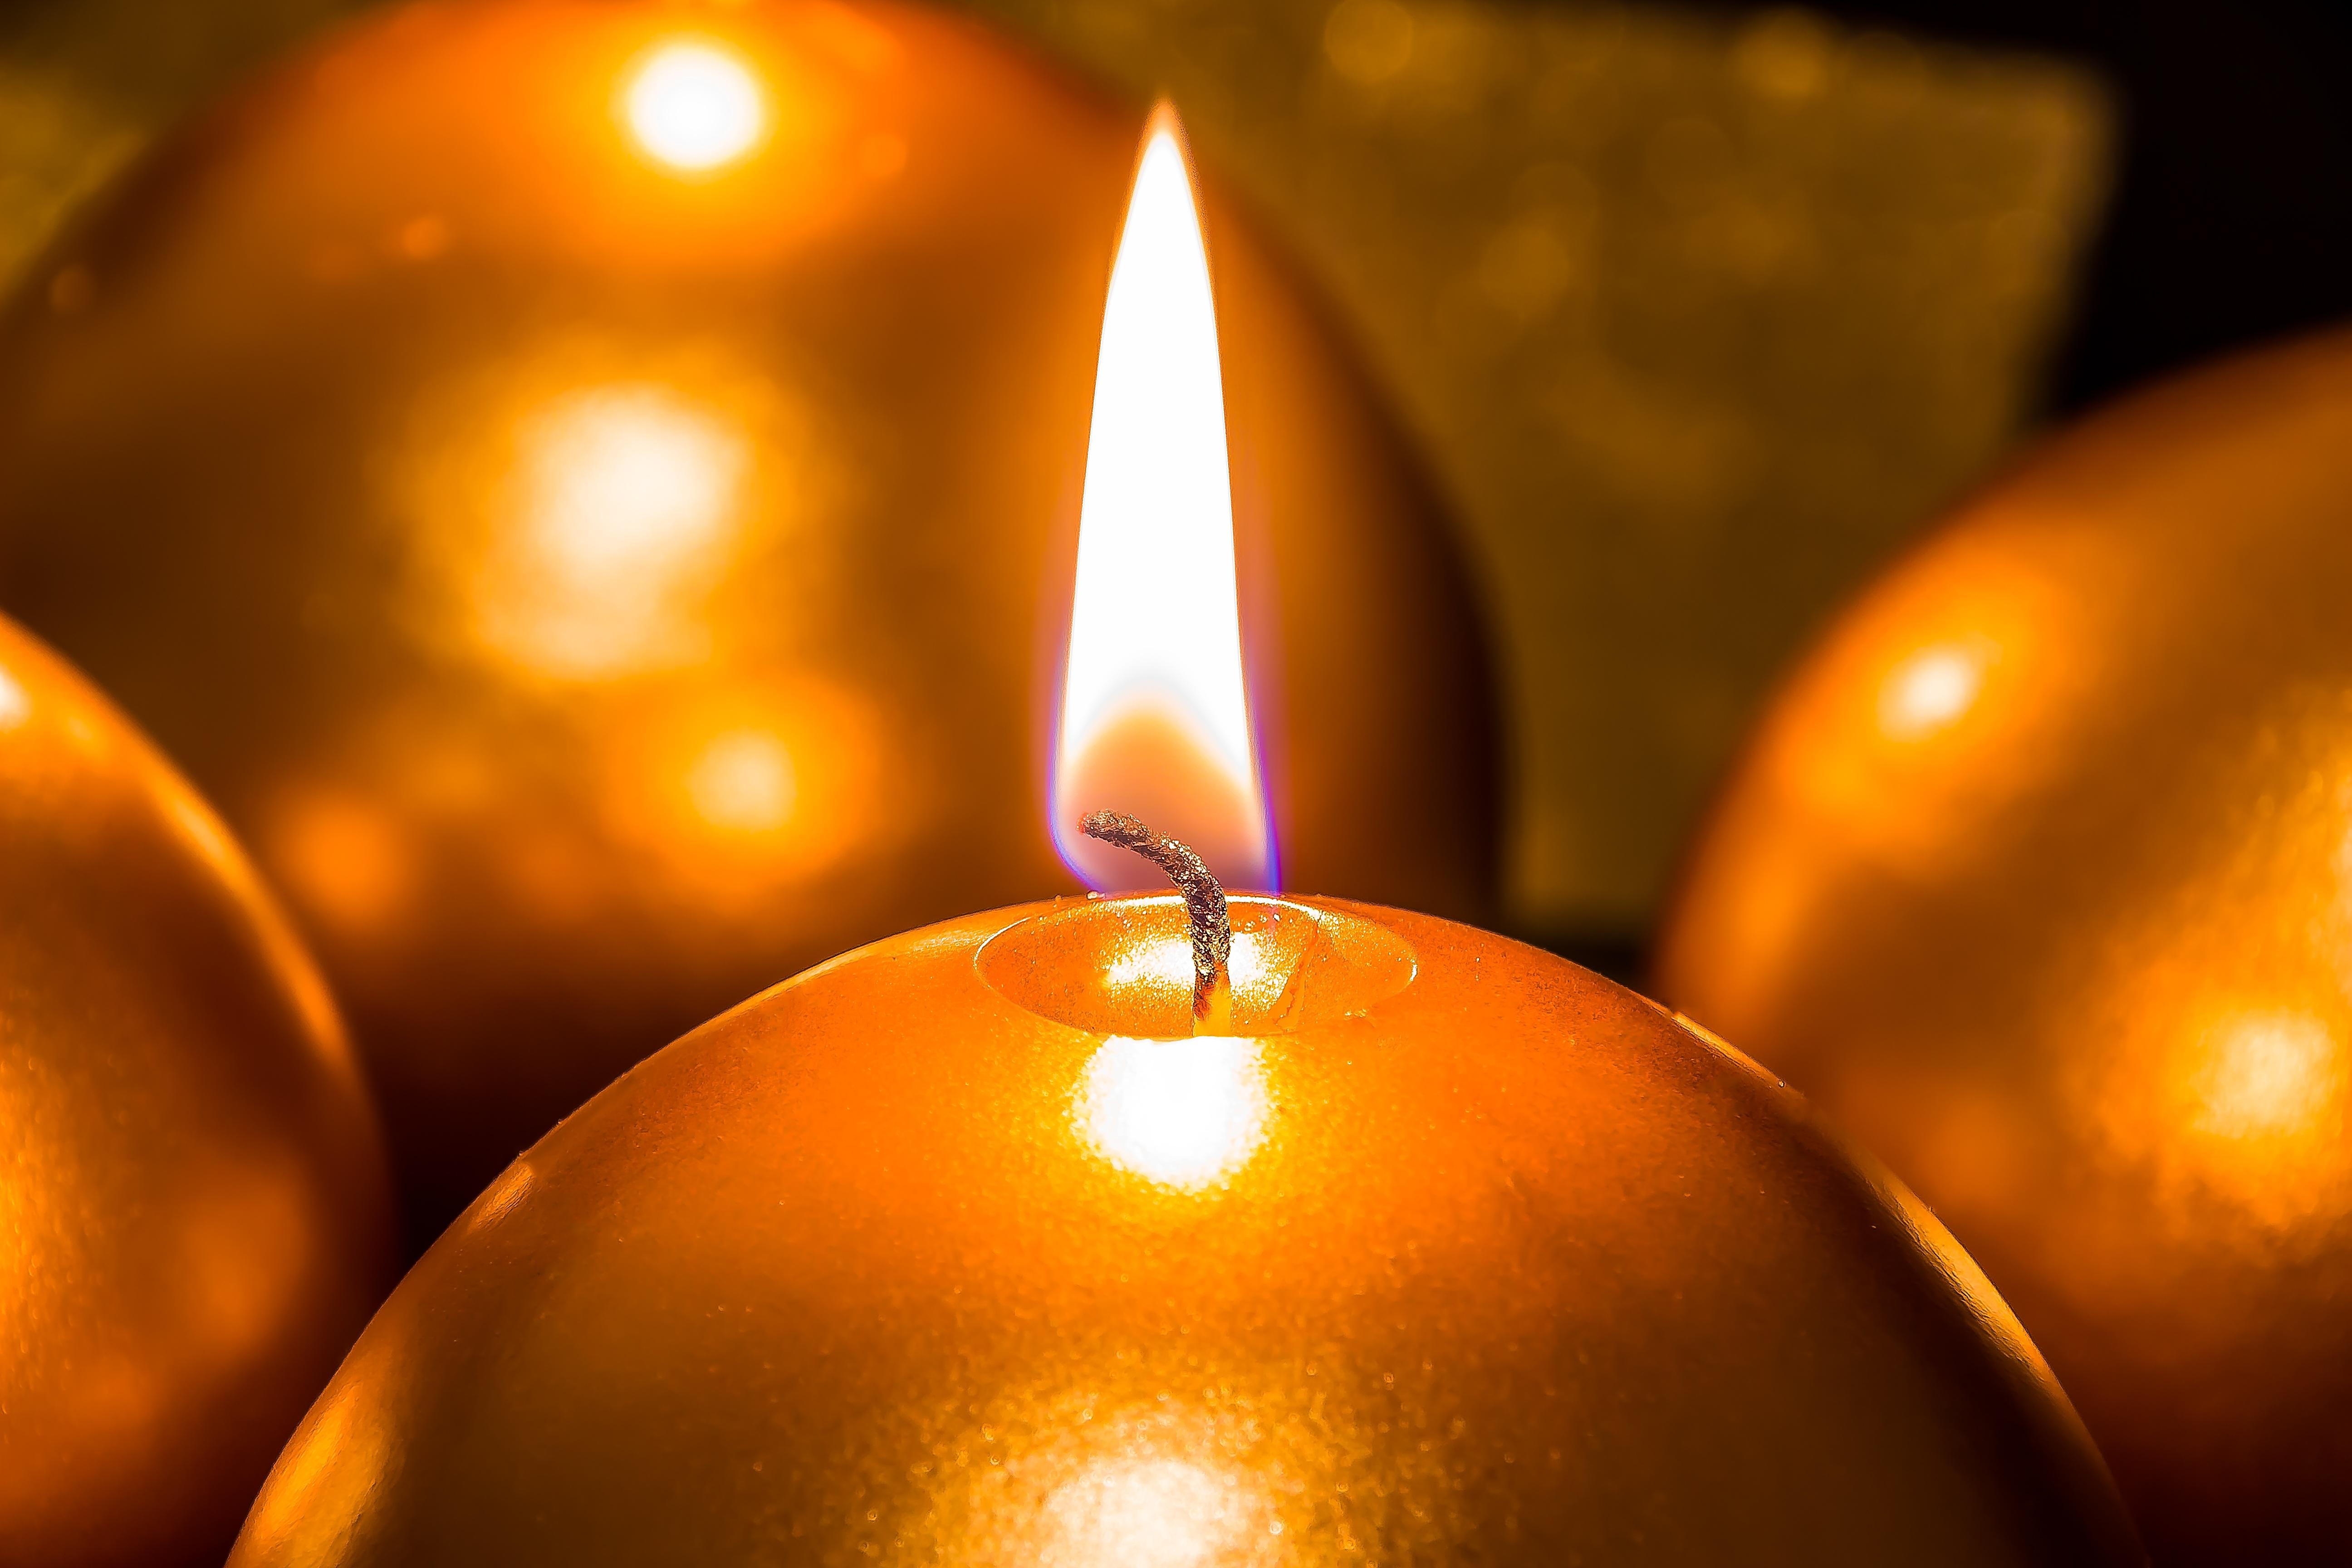 The Lighting Of The Christmas Tree